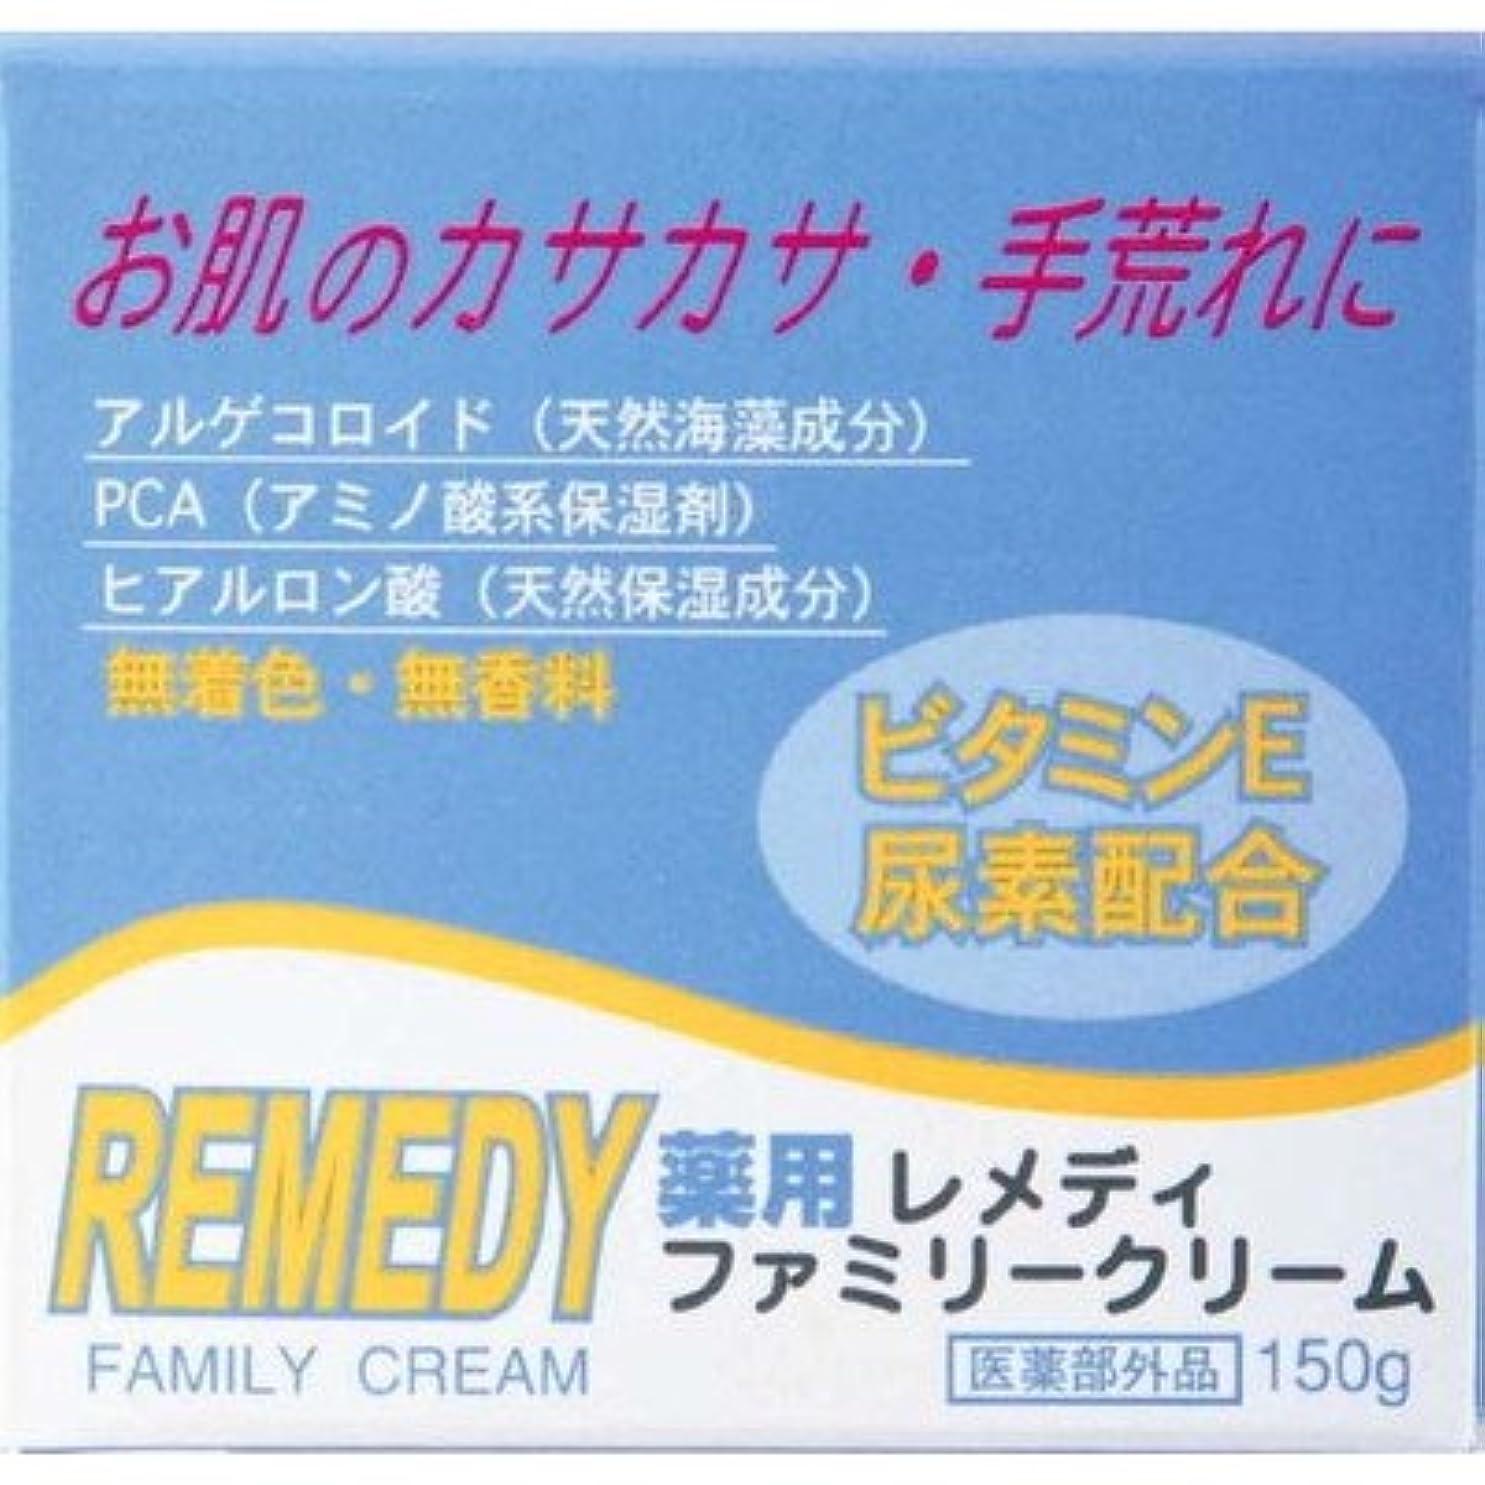 スマッシュ好奇心洪水【医薬部外品】薬用レメディ ファミリークリーム 150g